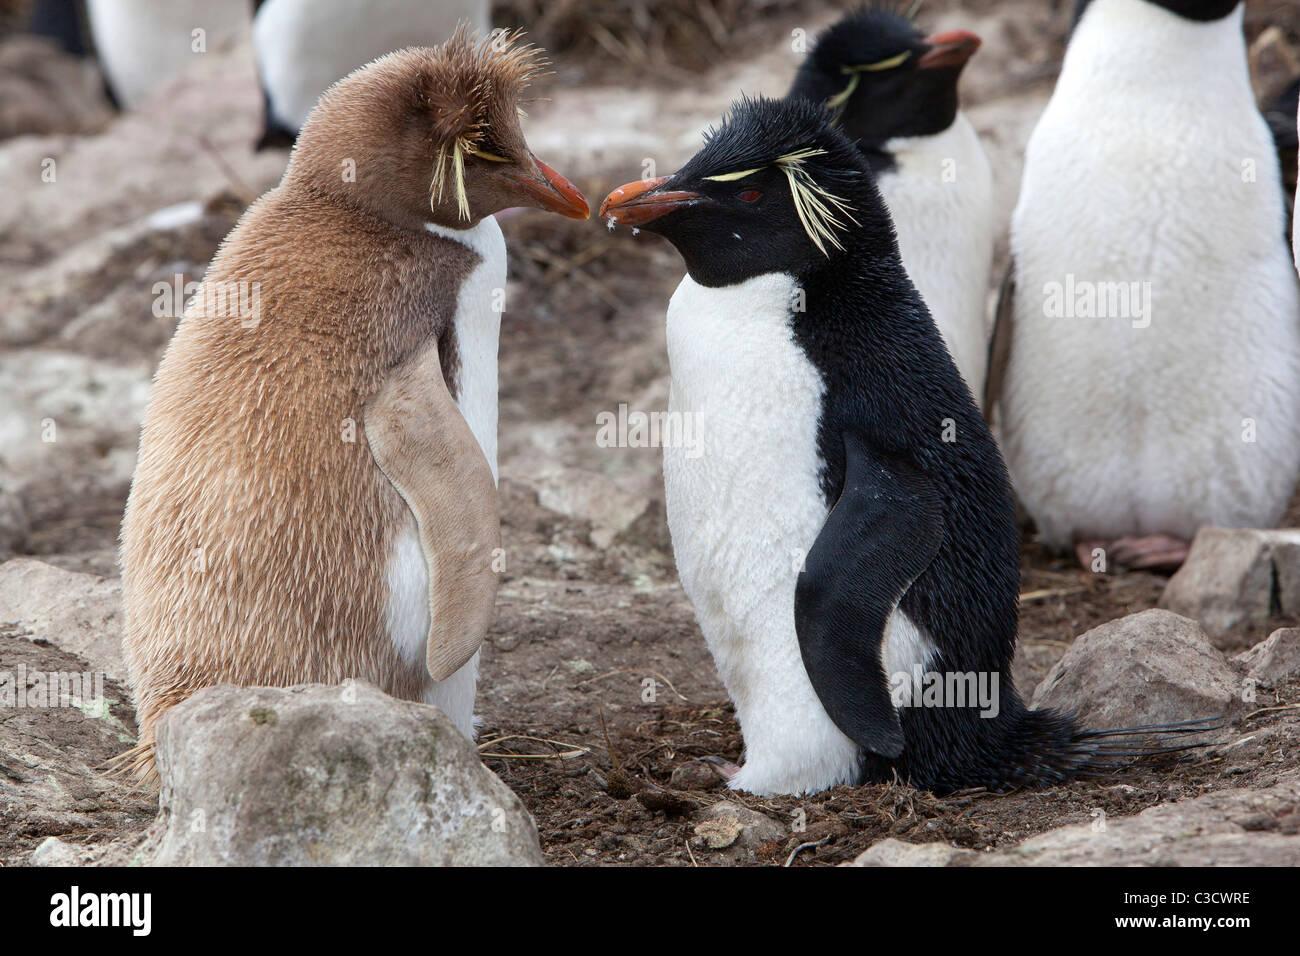 Leucistic Rockhopper Penguin (Eudyptes chrysocome chrysocome) debout à côté d'une personne en Photo Stock